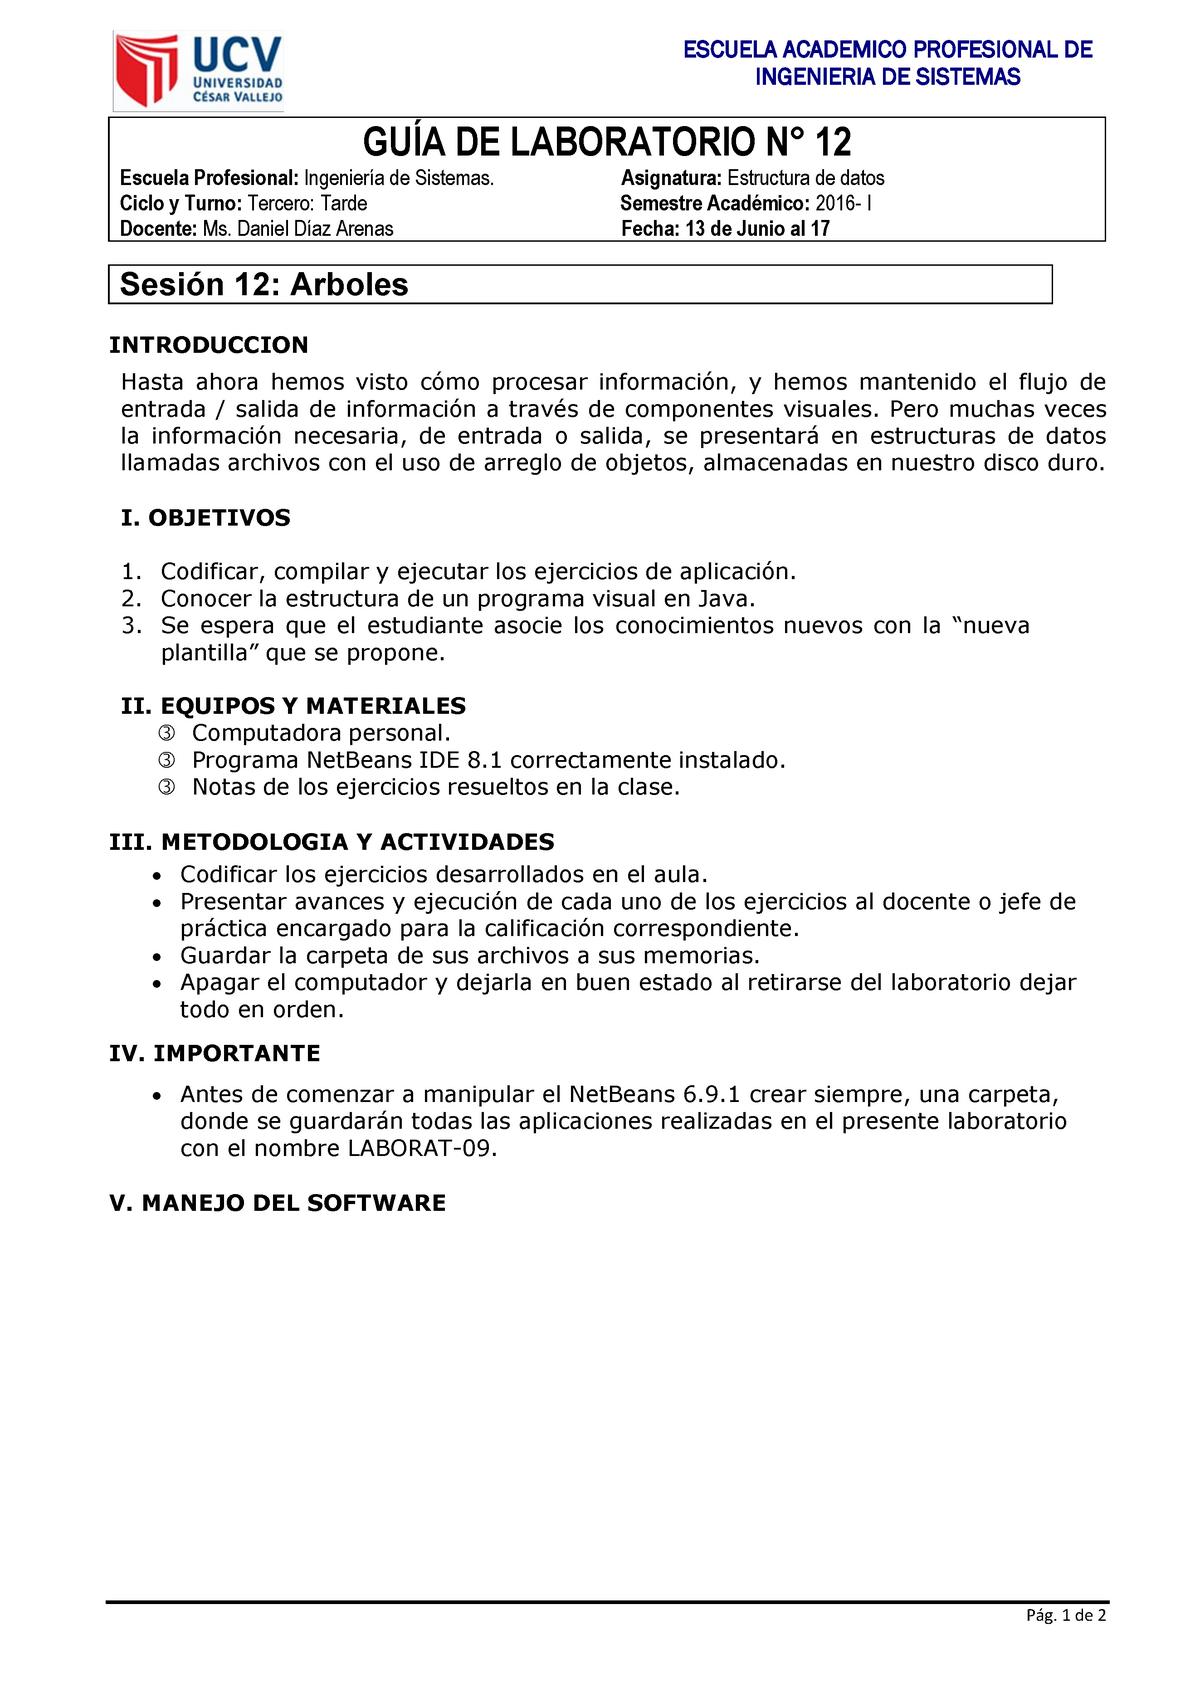 Guia Laboratorio 12 Arboles Estructura De Datos Ucv